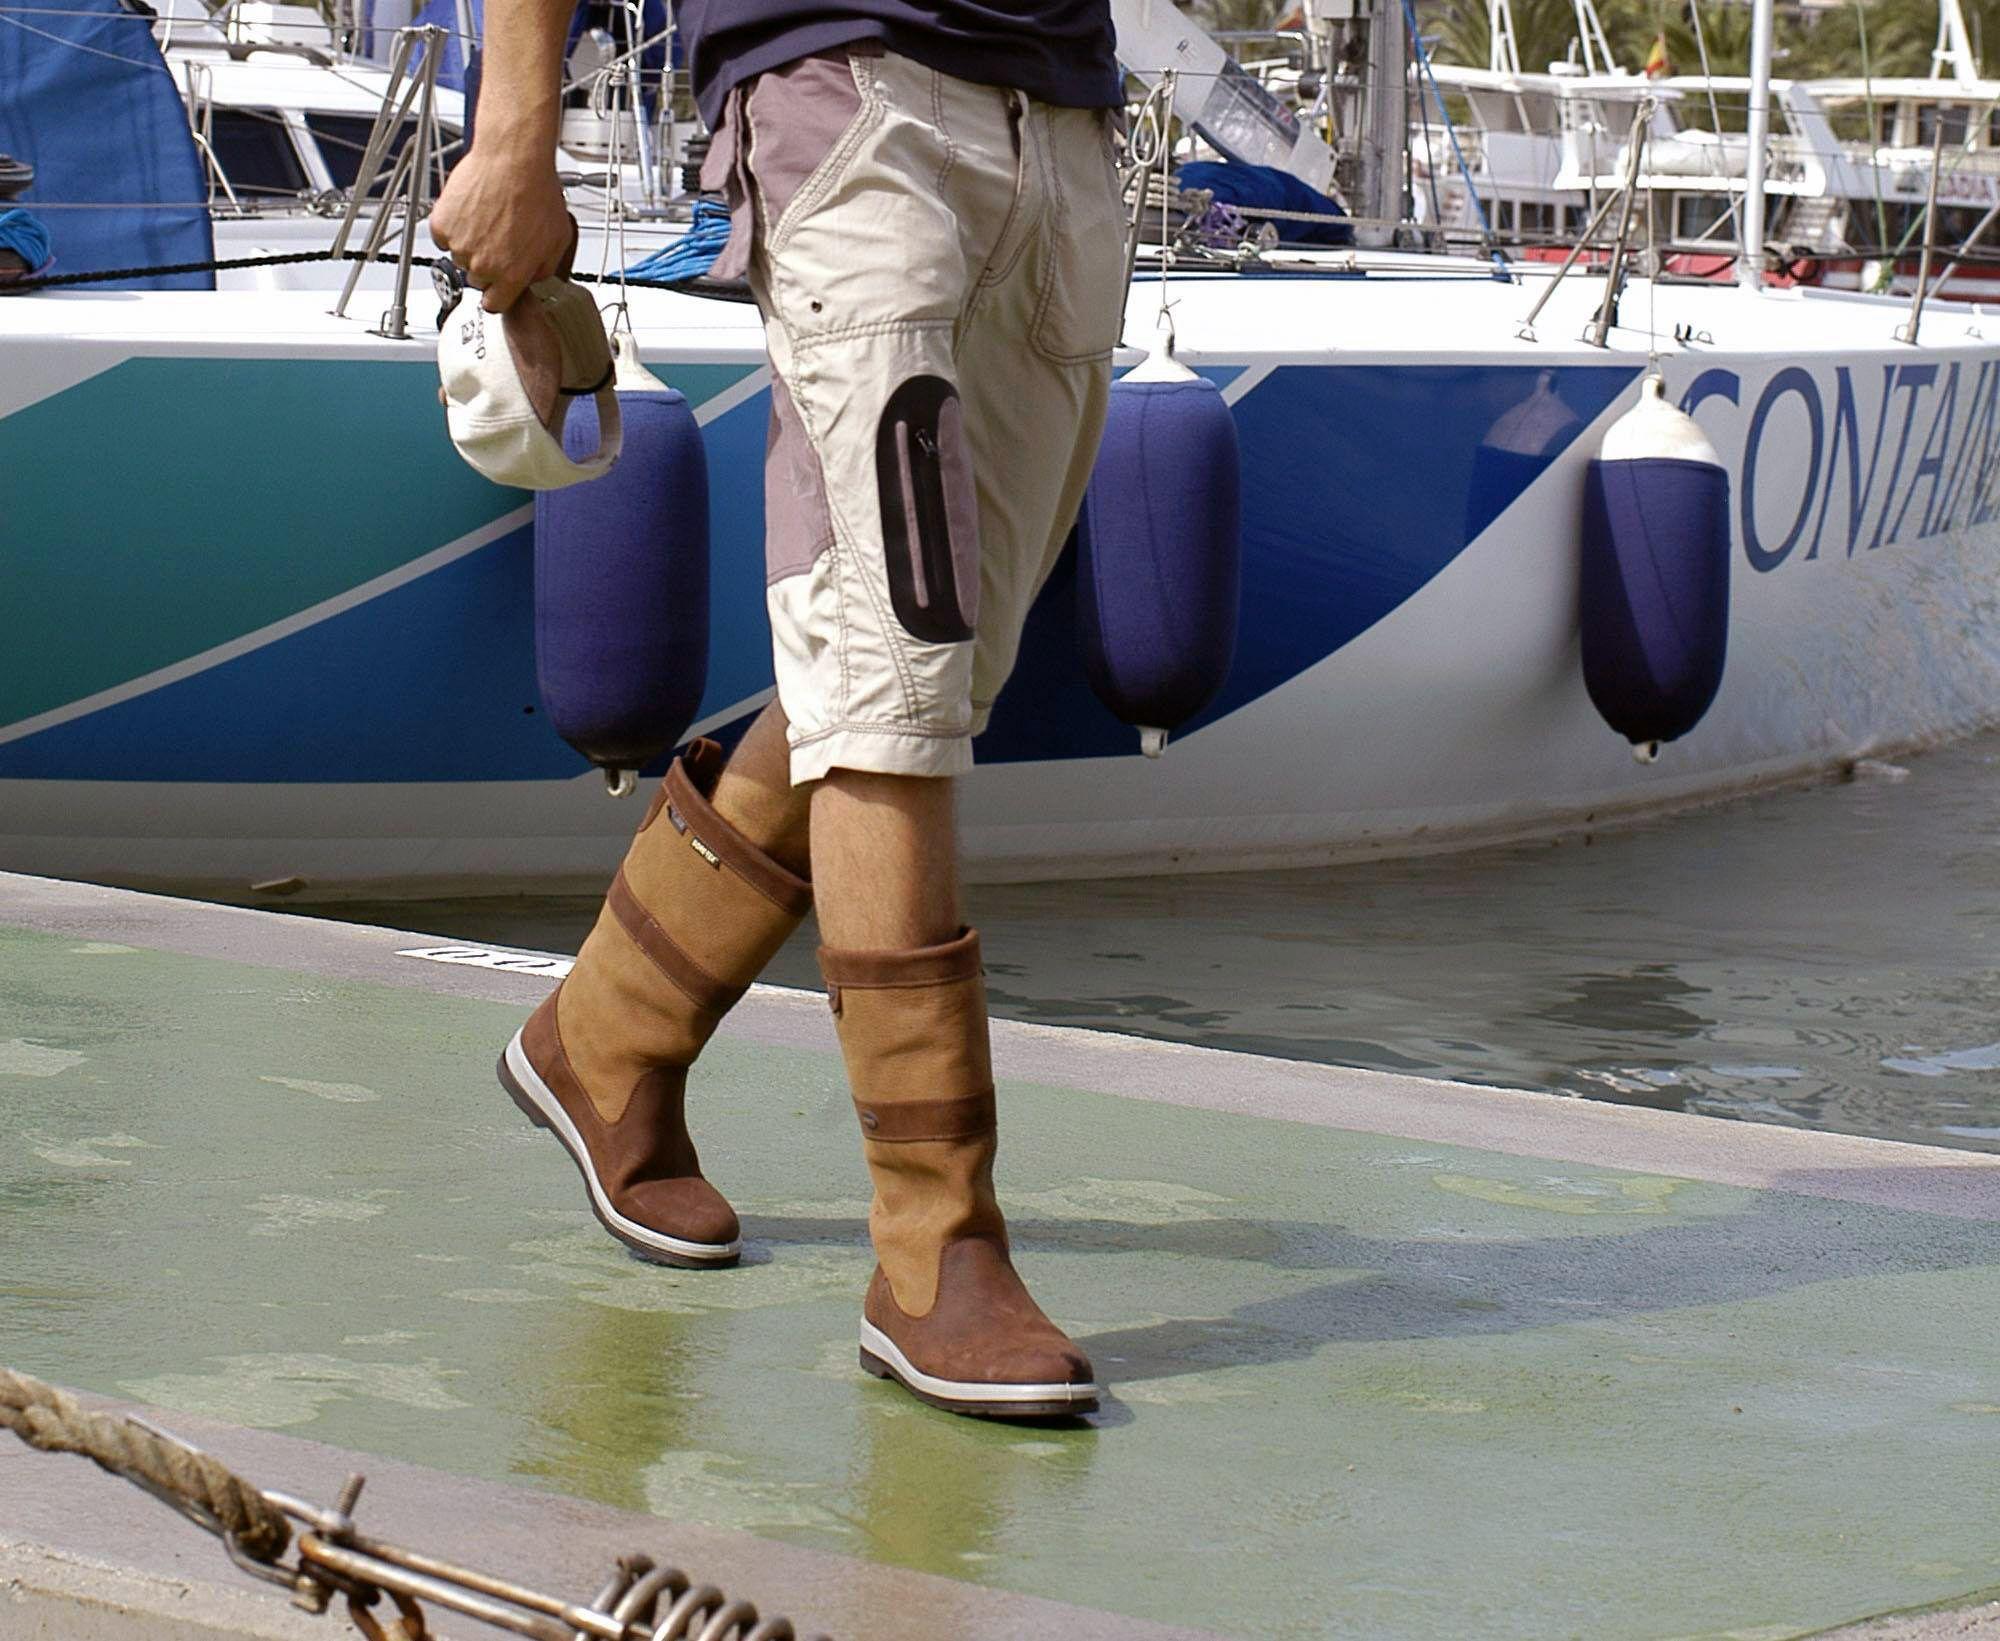 Водостойкие сапоги сохранят ваши ноги сухими в дождь или шторм